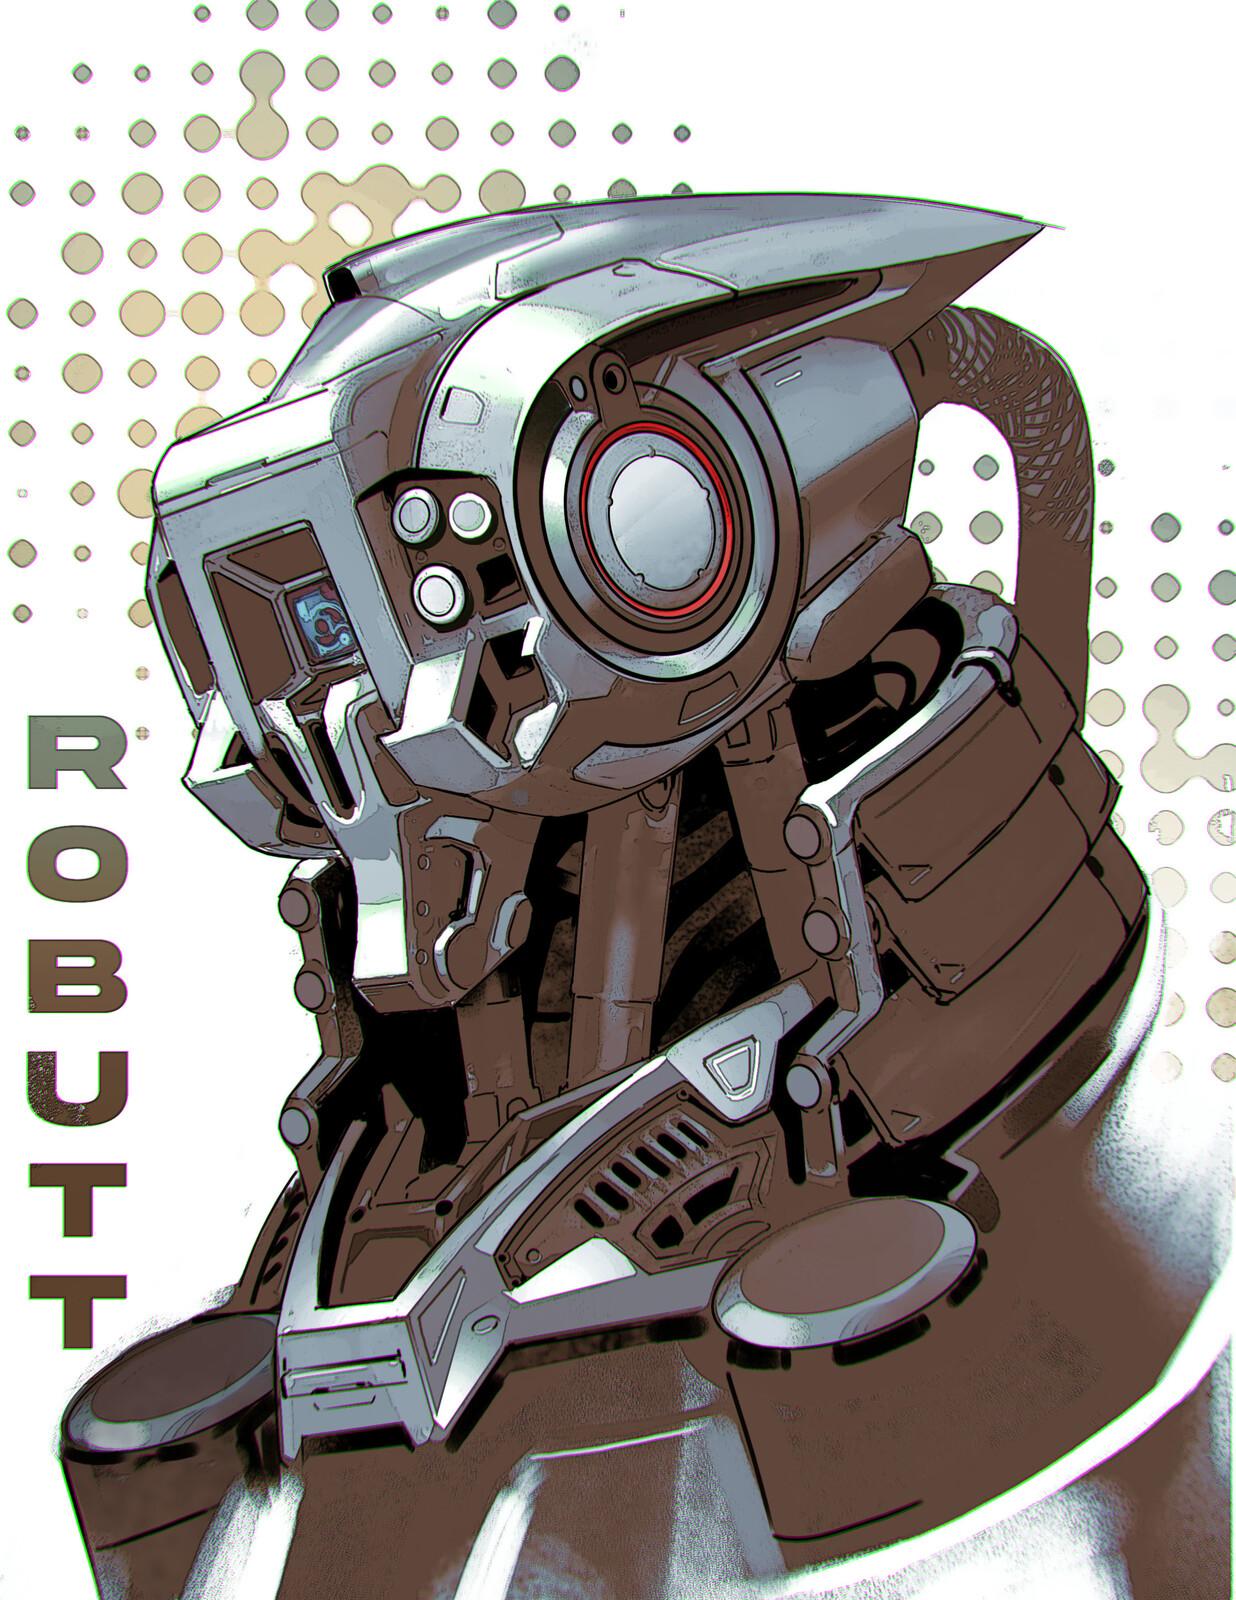 Robutt